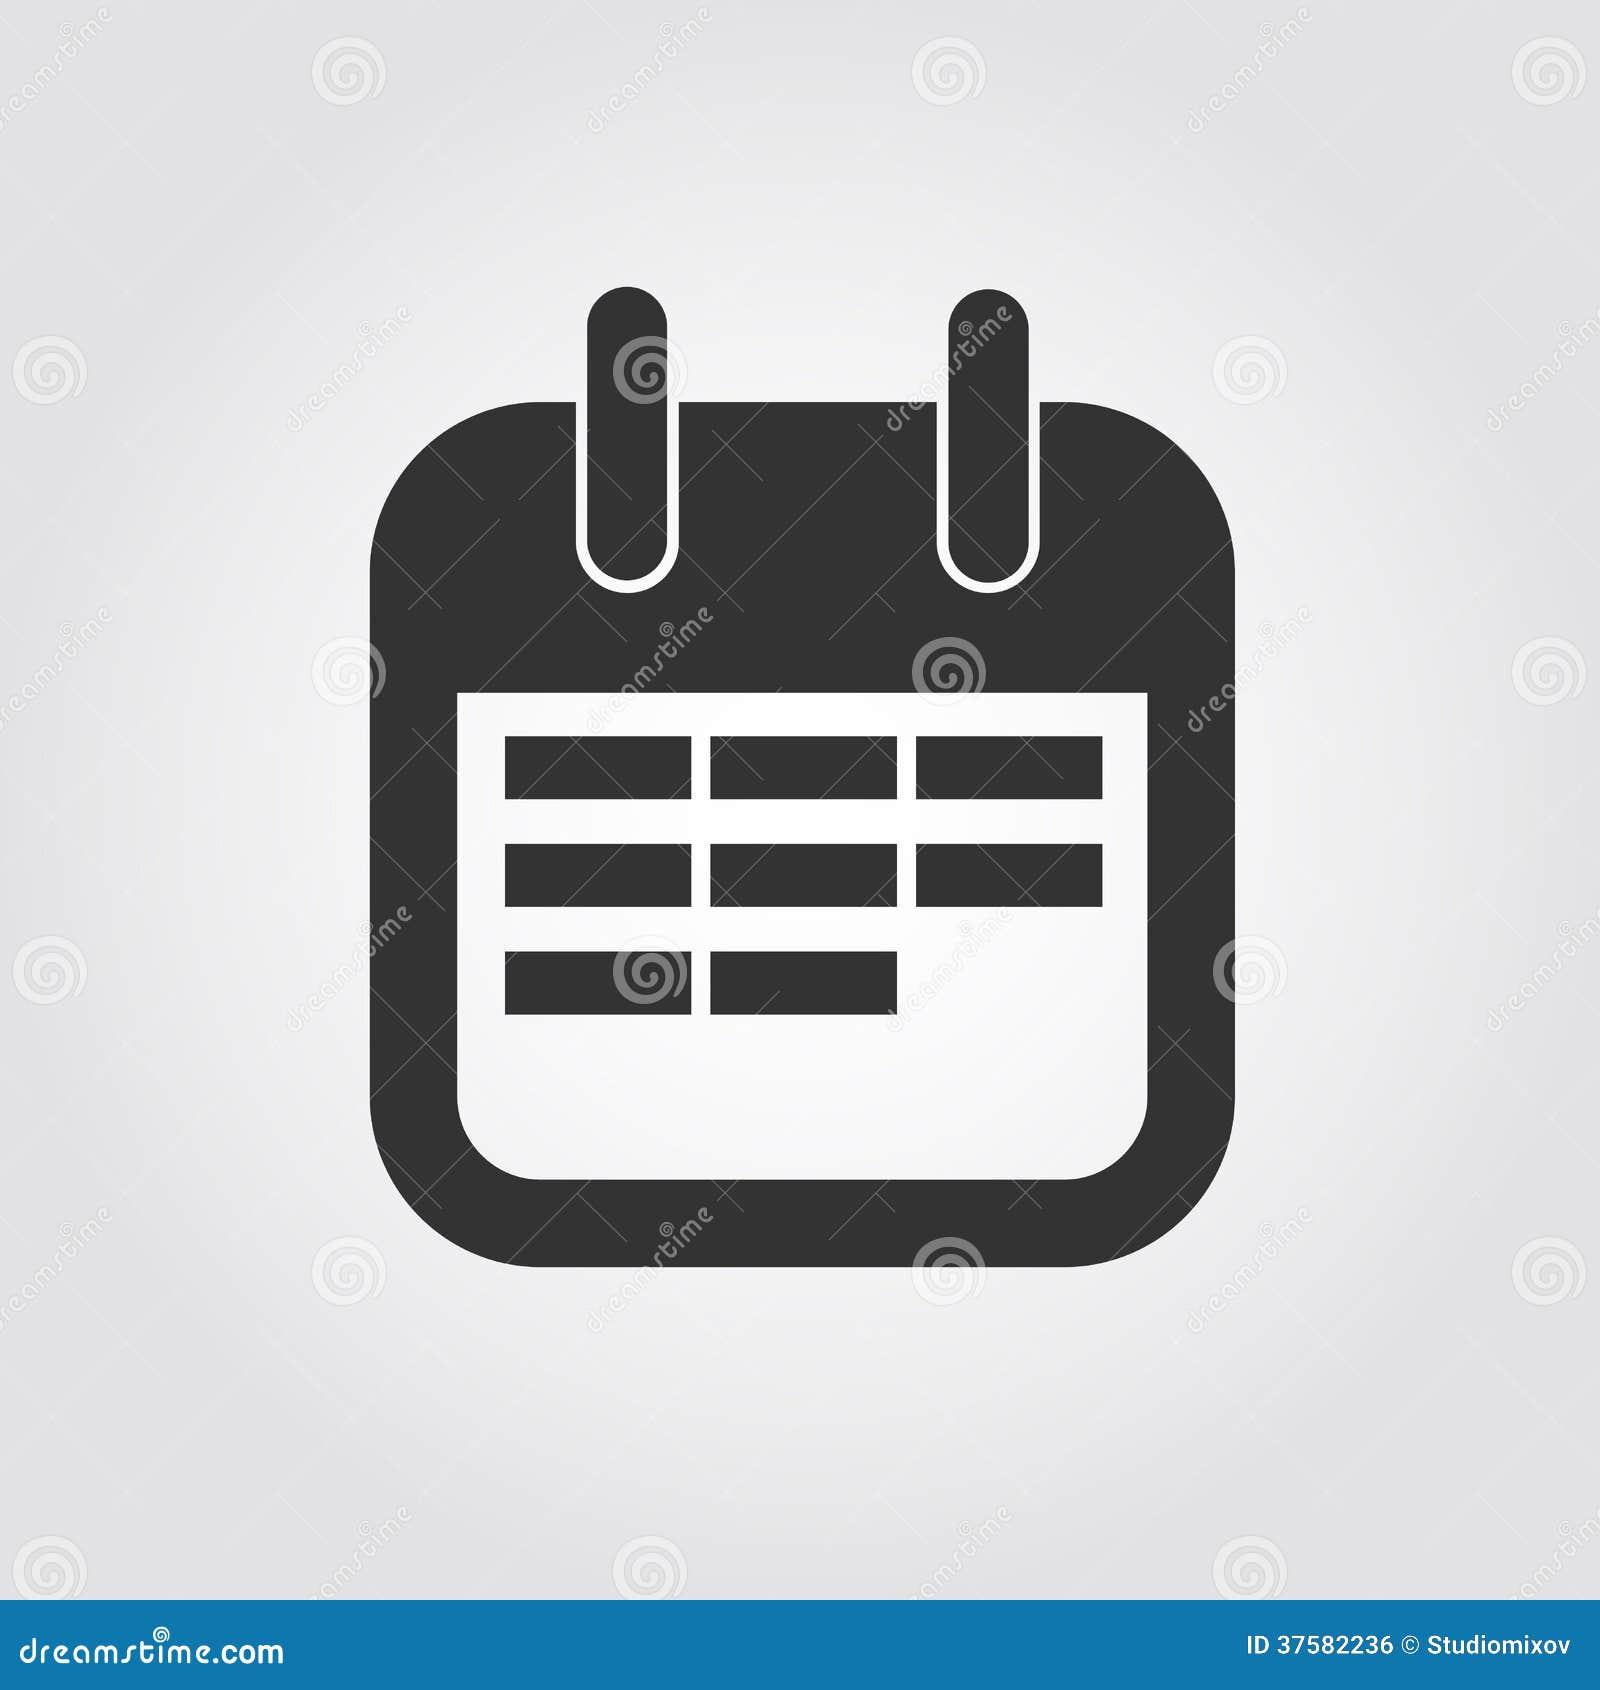 Calendar Design Icon : Calendar icon flat design royalty free stock image